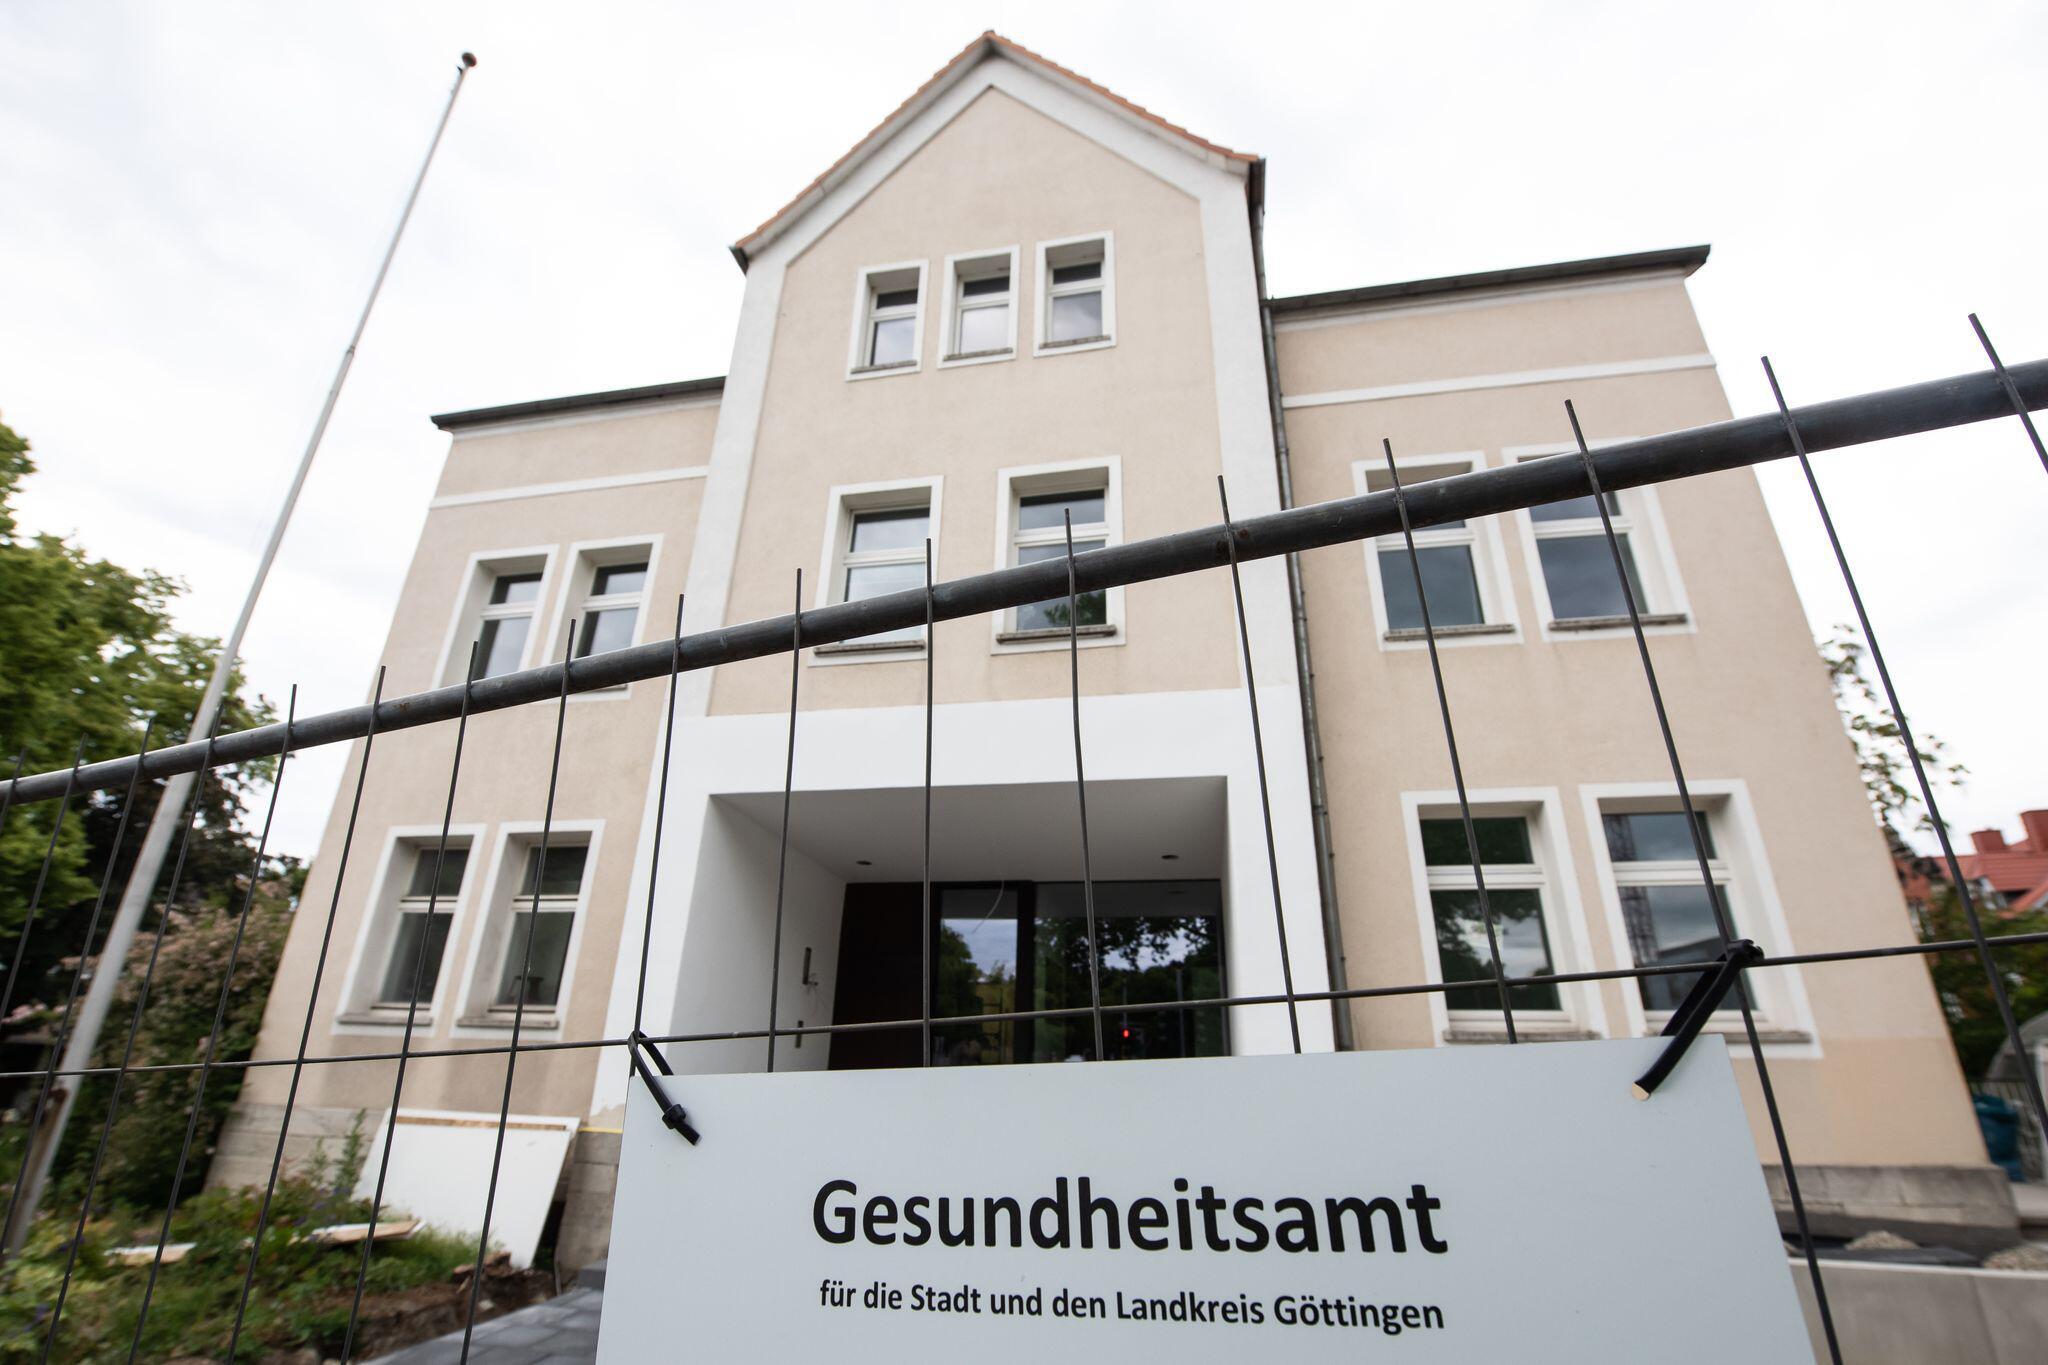 Bild zu Gesundheitsamt Stadt Göttingen